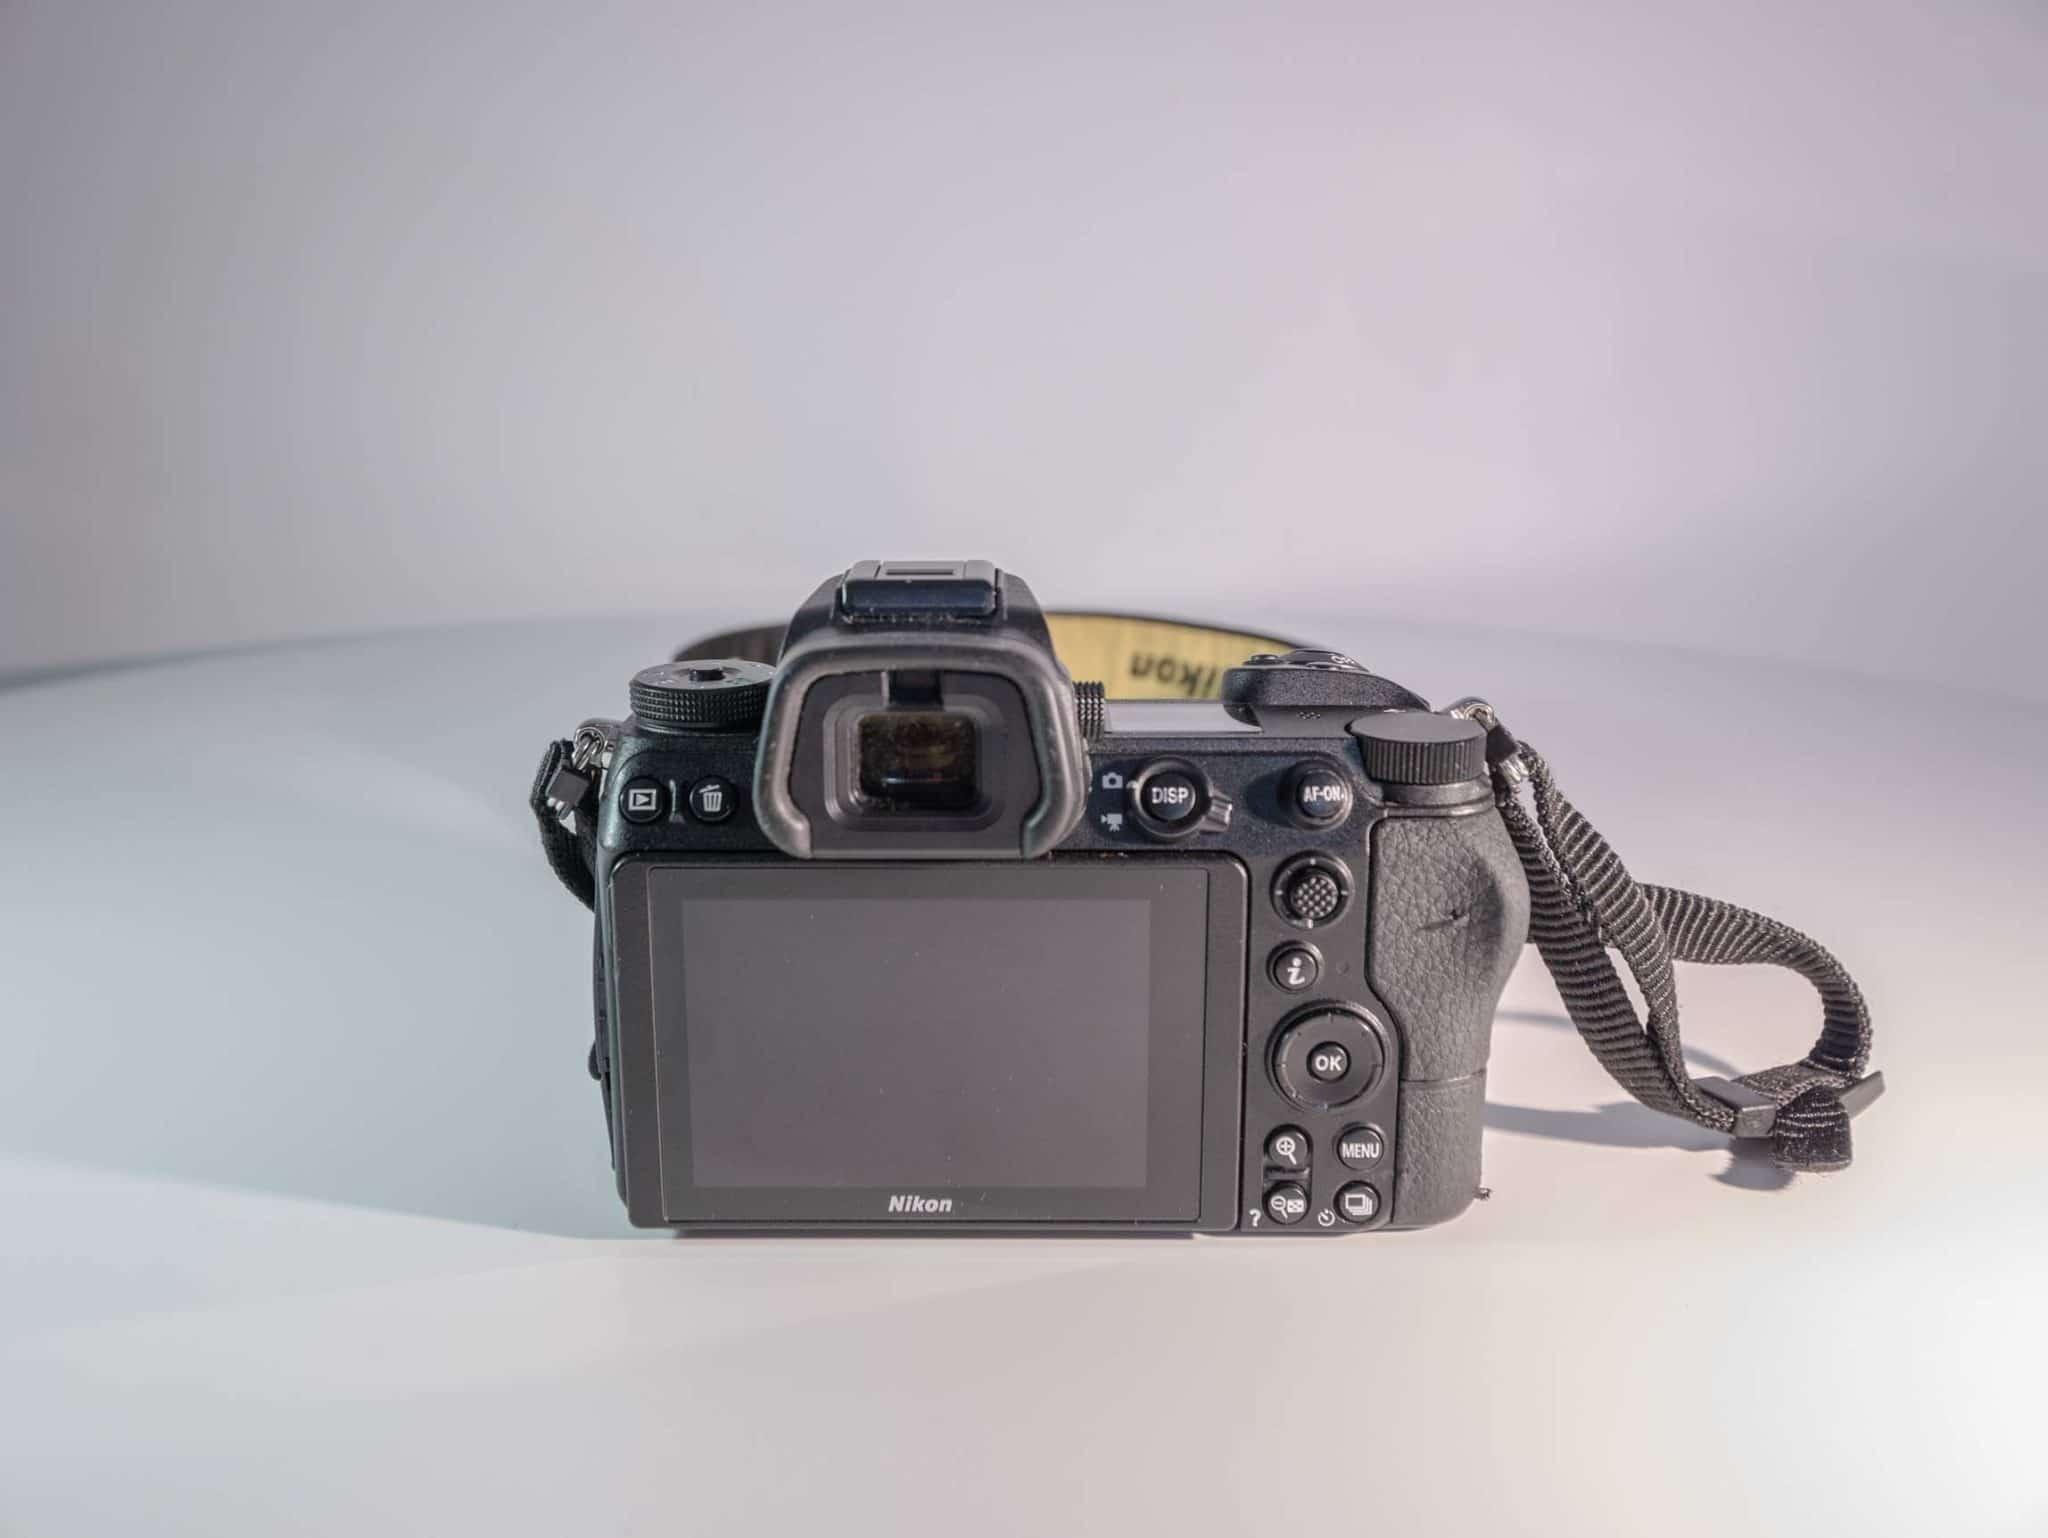 Vu arrière du Nikon Z6